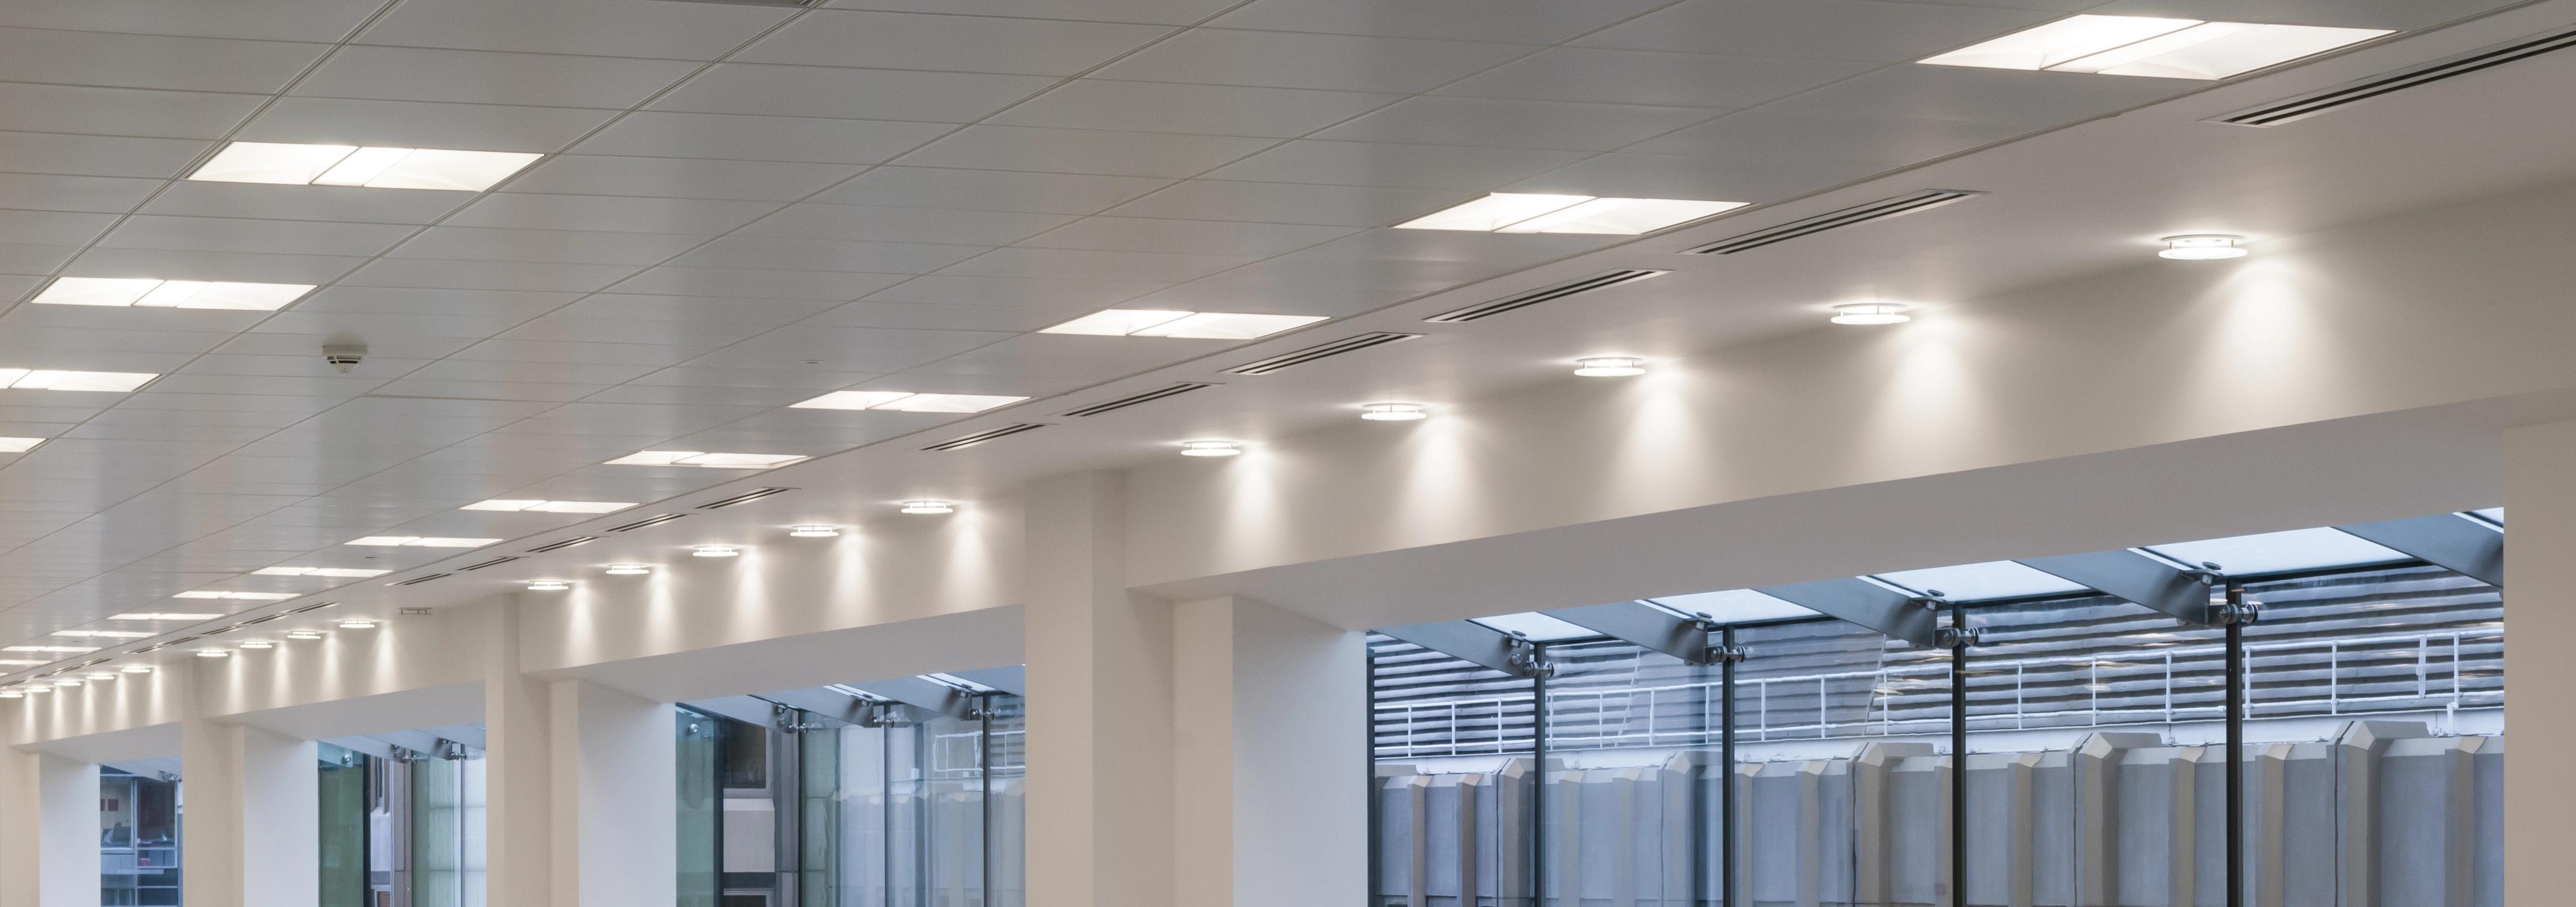 LED Inbouwarmaturen